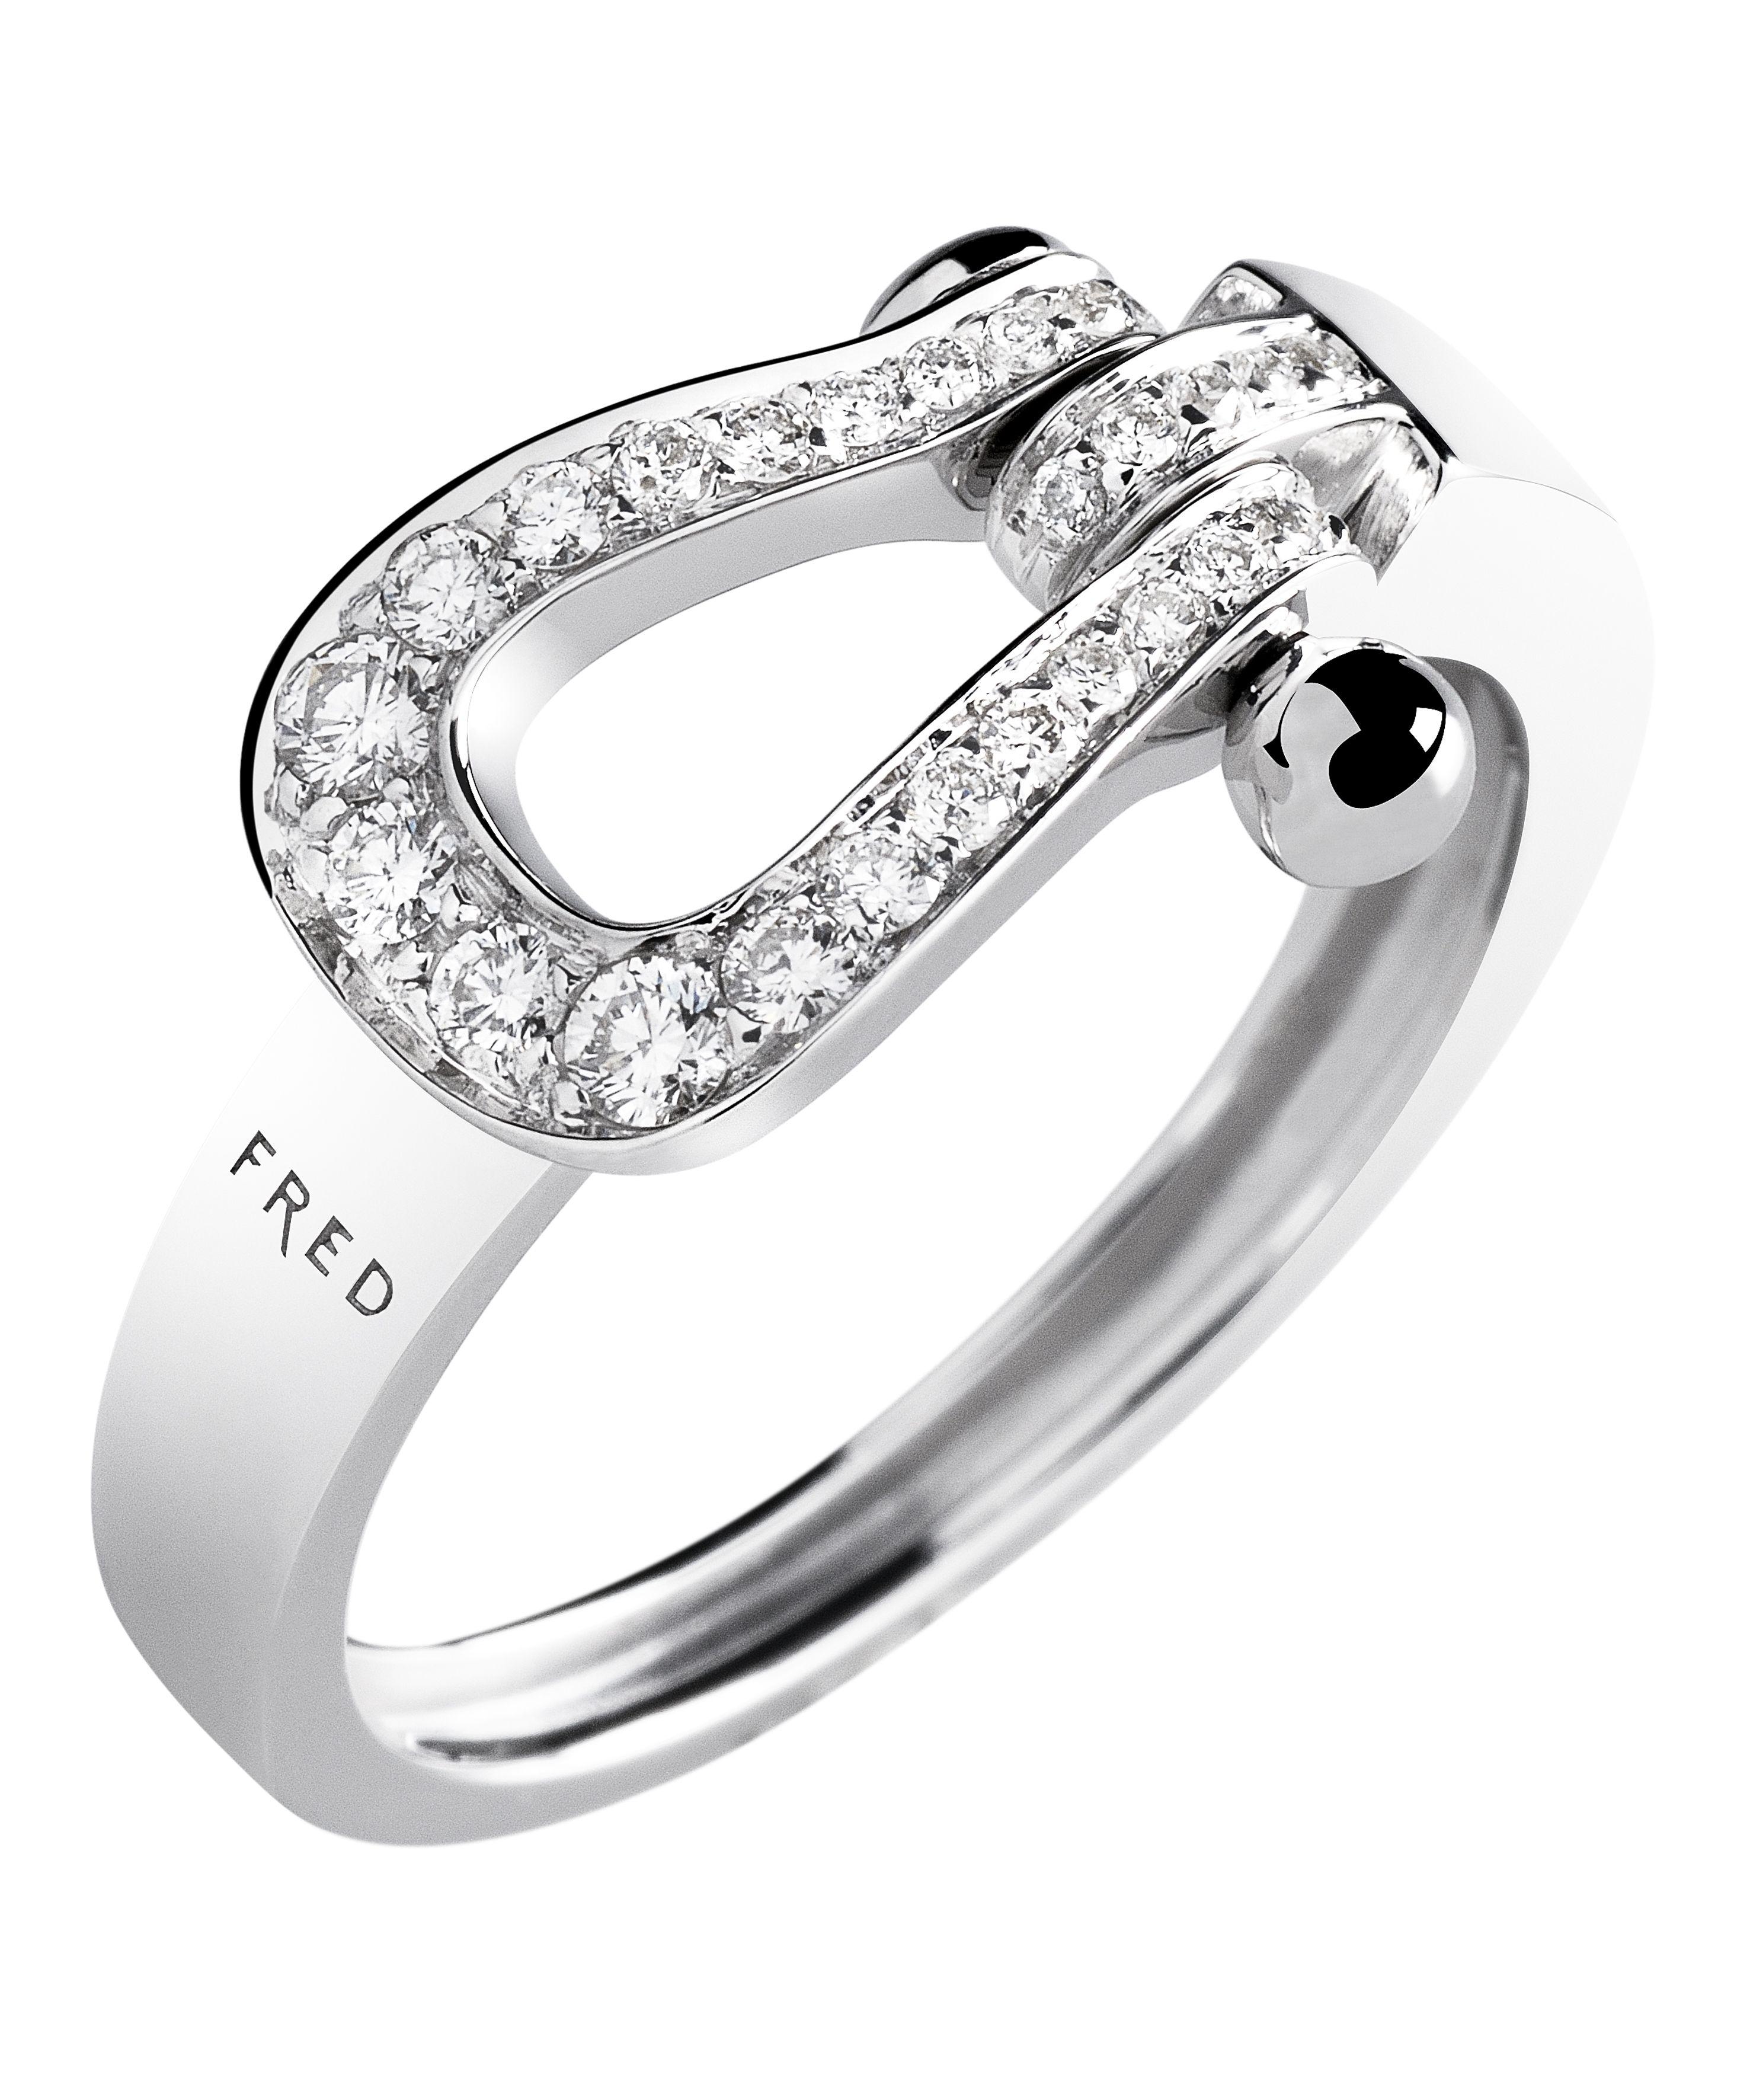 bague diamant galerie lafayette